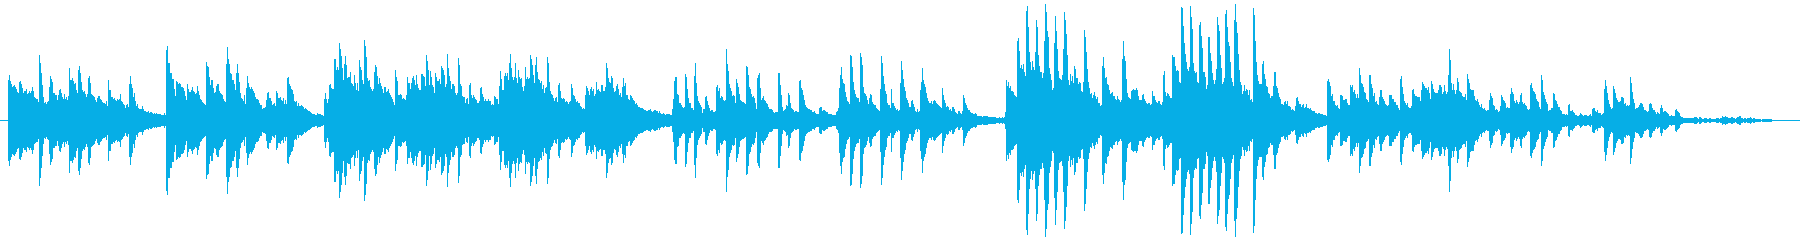 ピアノソロ、静か の再生済みの波形